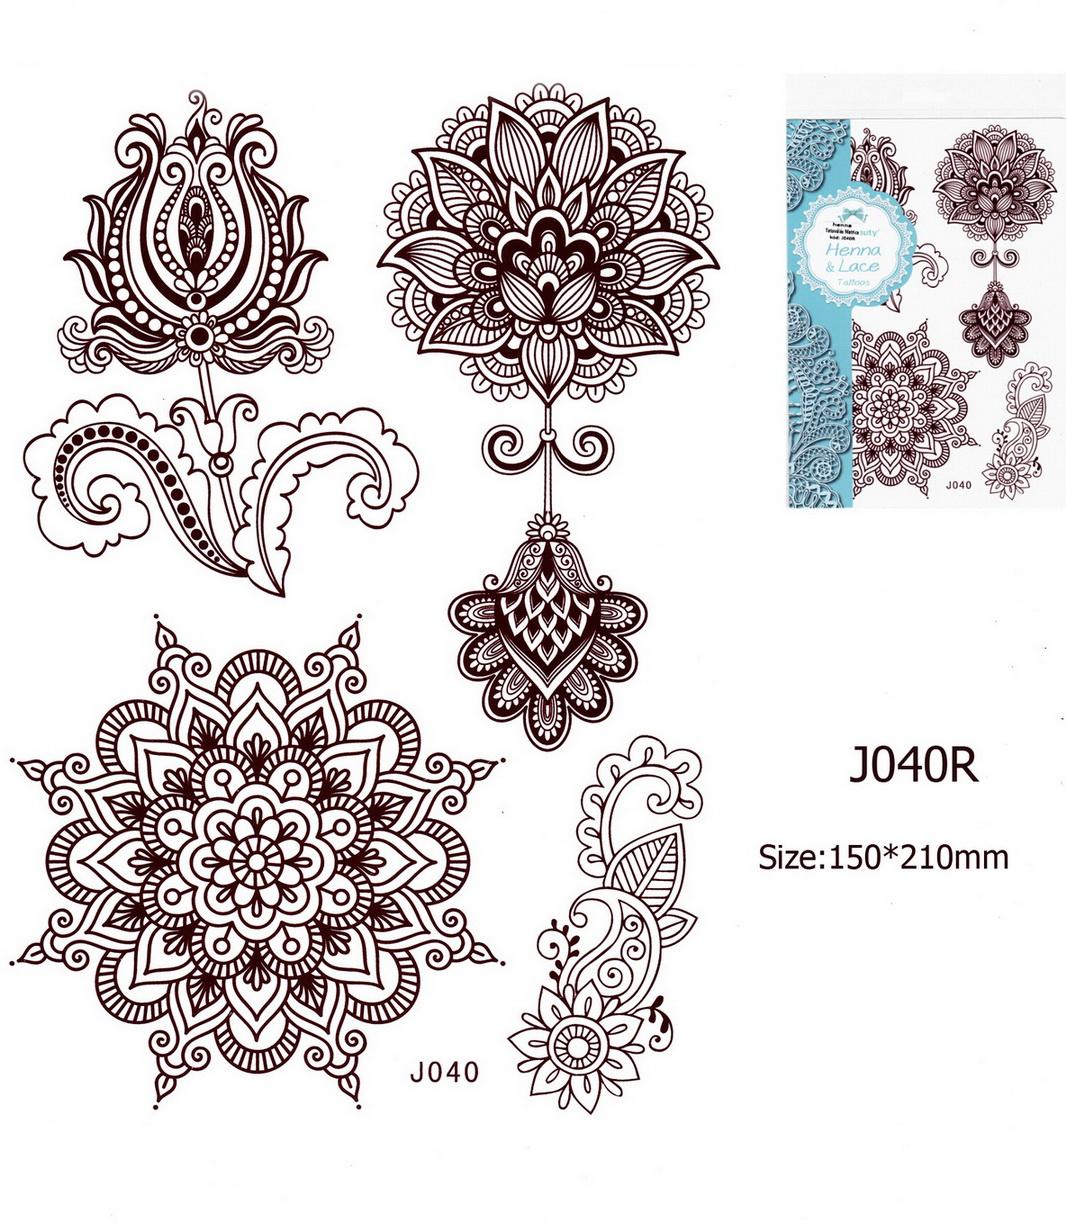 Henna tetoválás matrica 15cmX21cm J040R